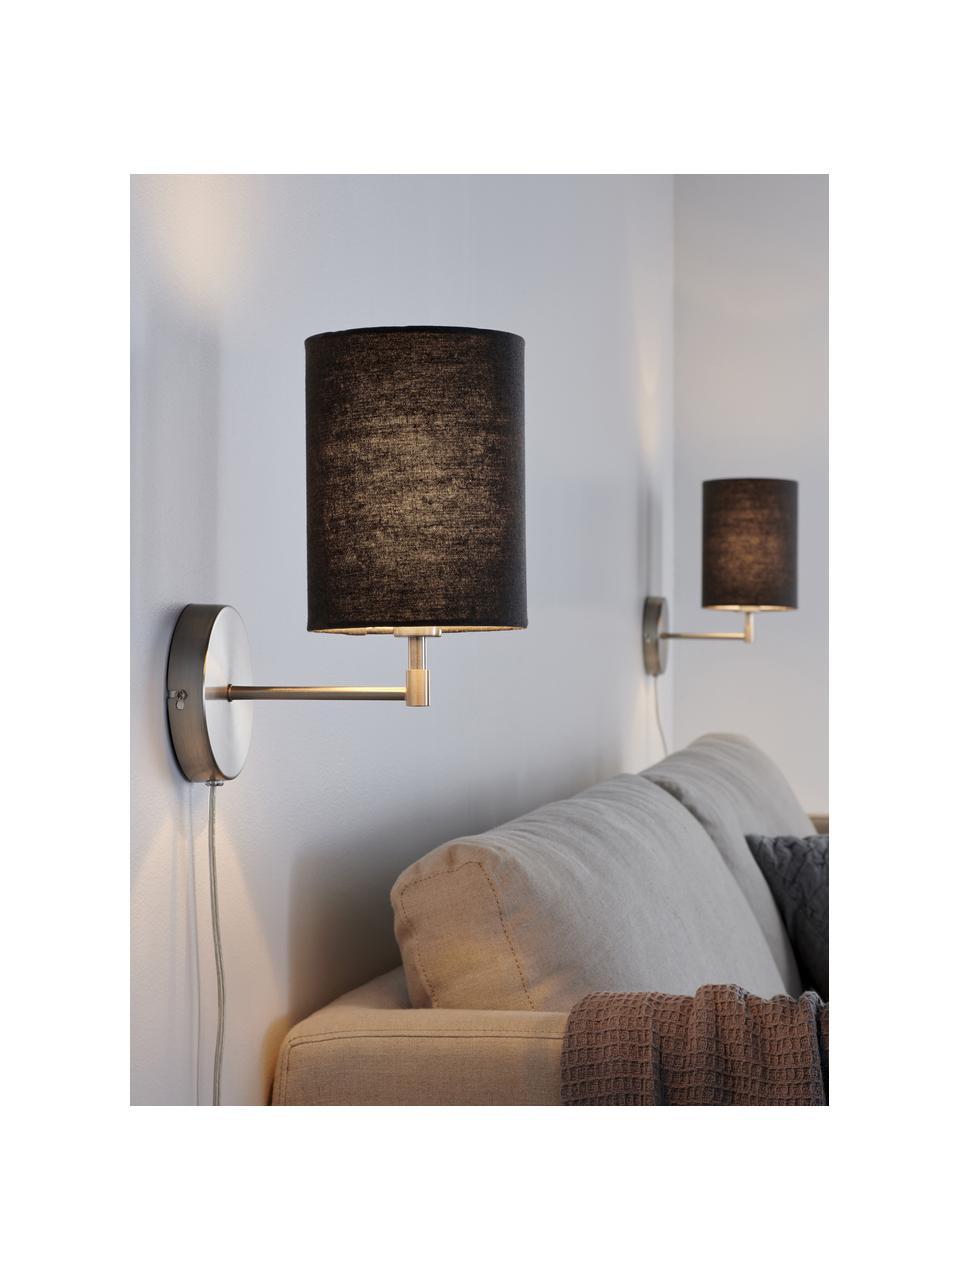 Klassische Wandleuchten Seth mit Stecker, 2 Stück, Lampenschirm: Textil, Grau, Nickelfarben, Ø 15 x H 32 cm